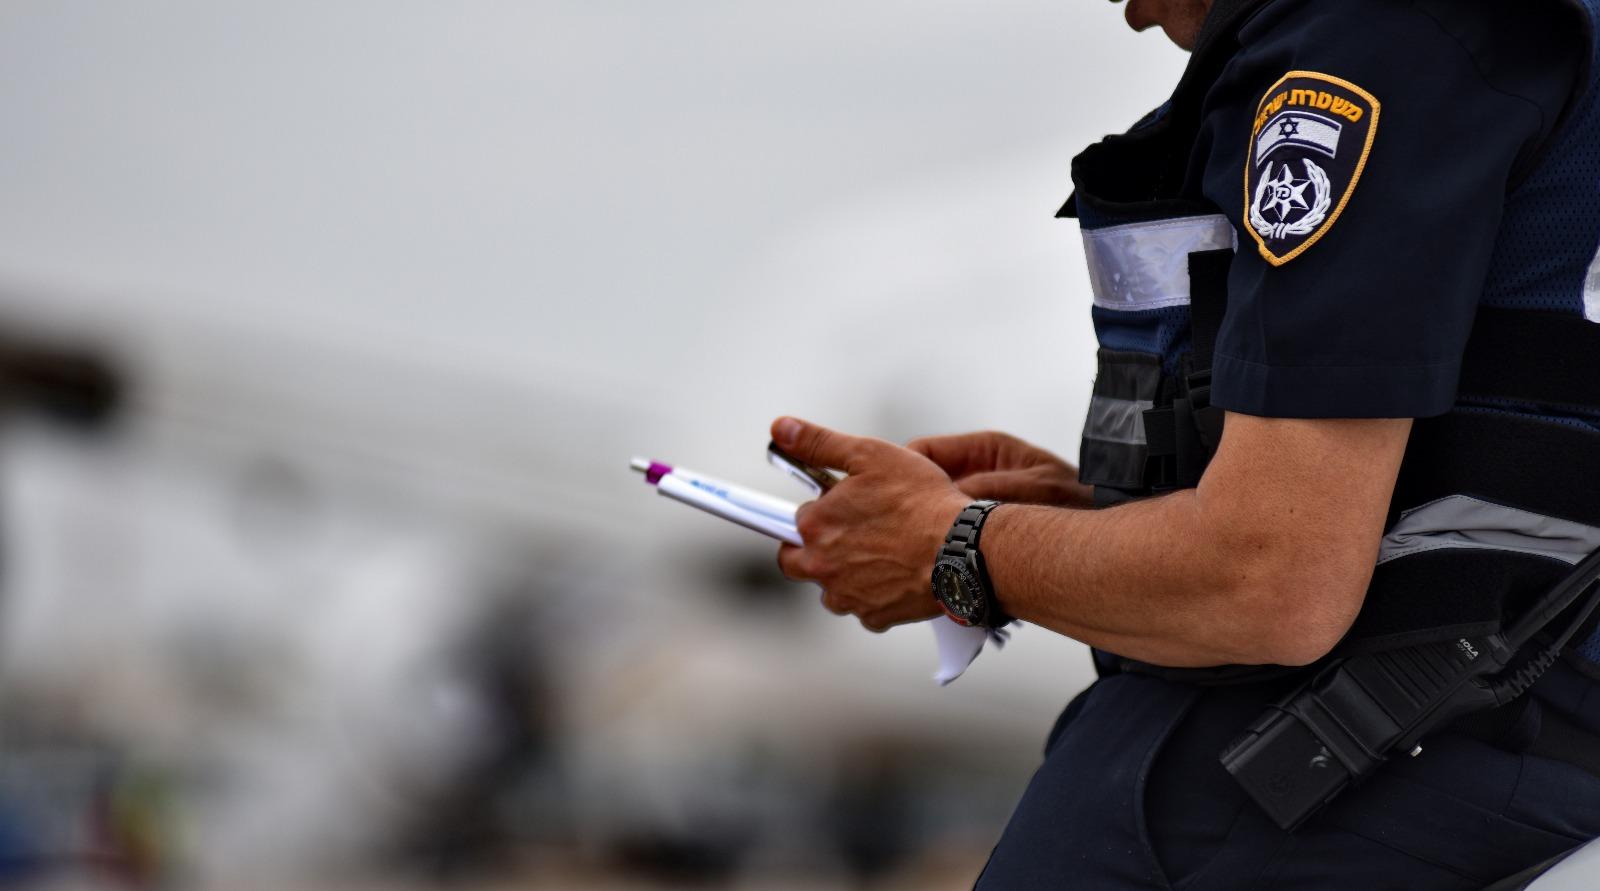 חשד: החוקר הדליף מידע לראש העיר מידע מהחקירה